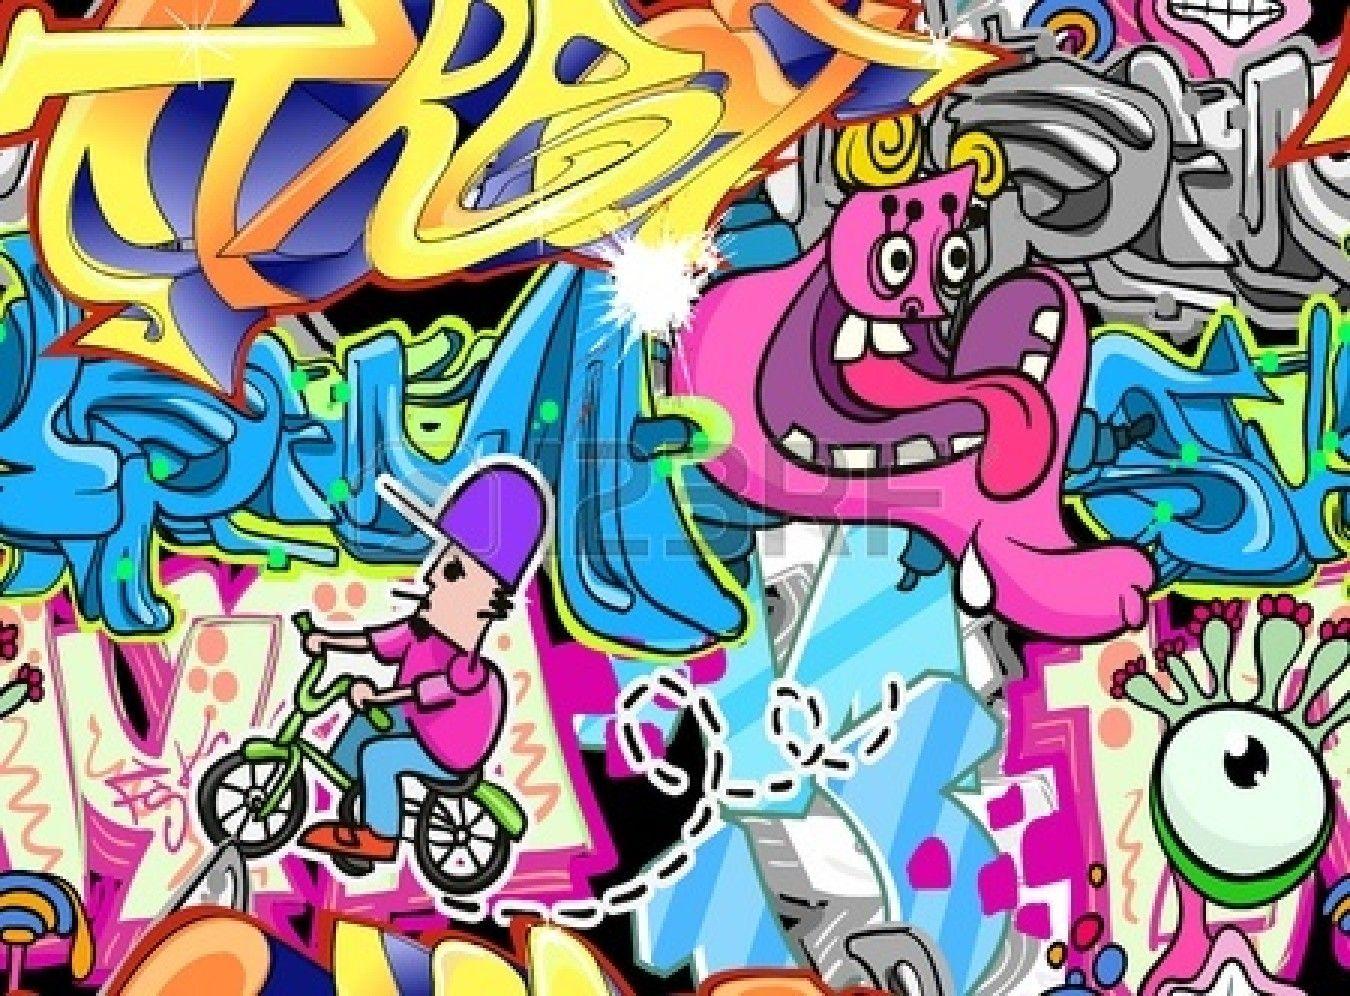 Graffiti wall urban art seamless background